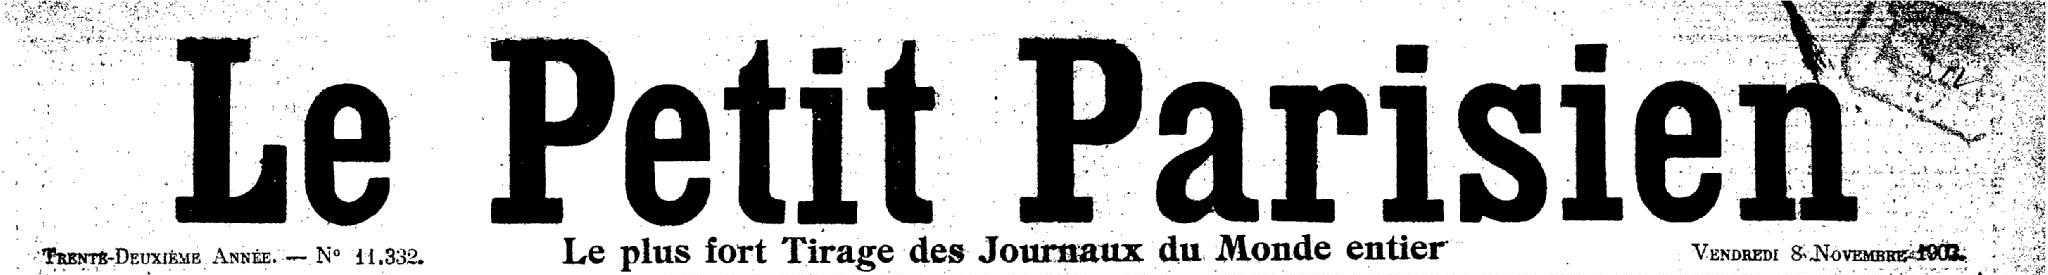 0Le_petit_parisien.jpg